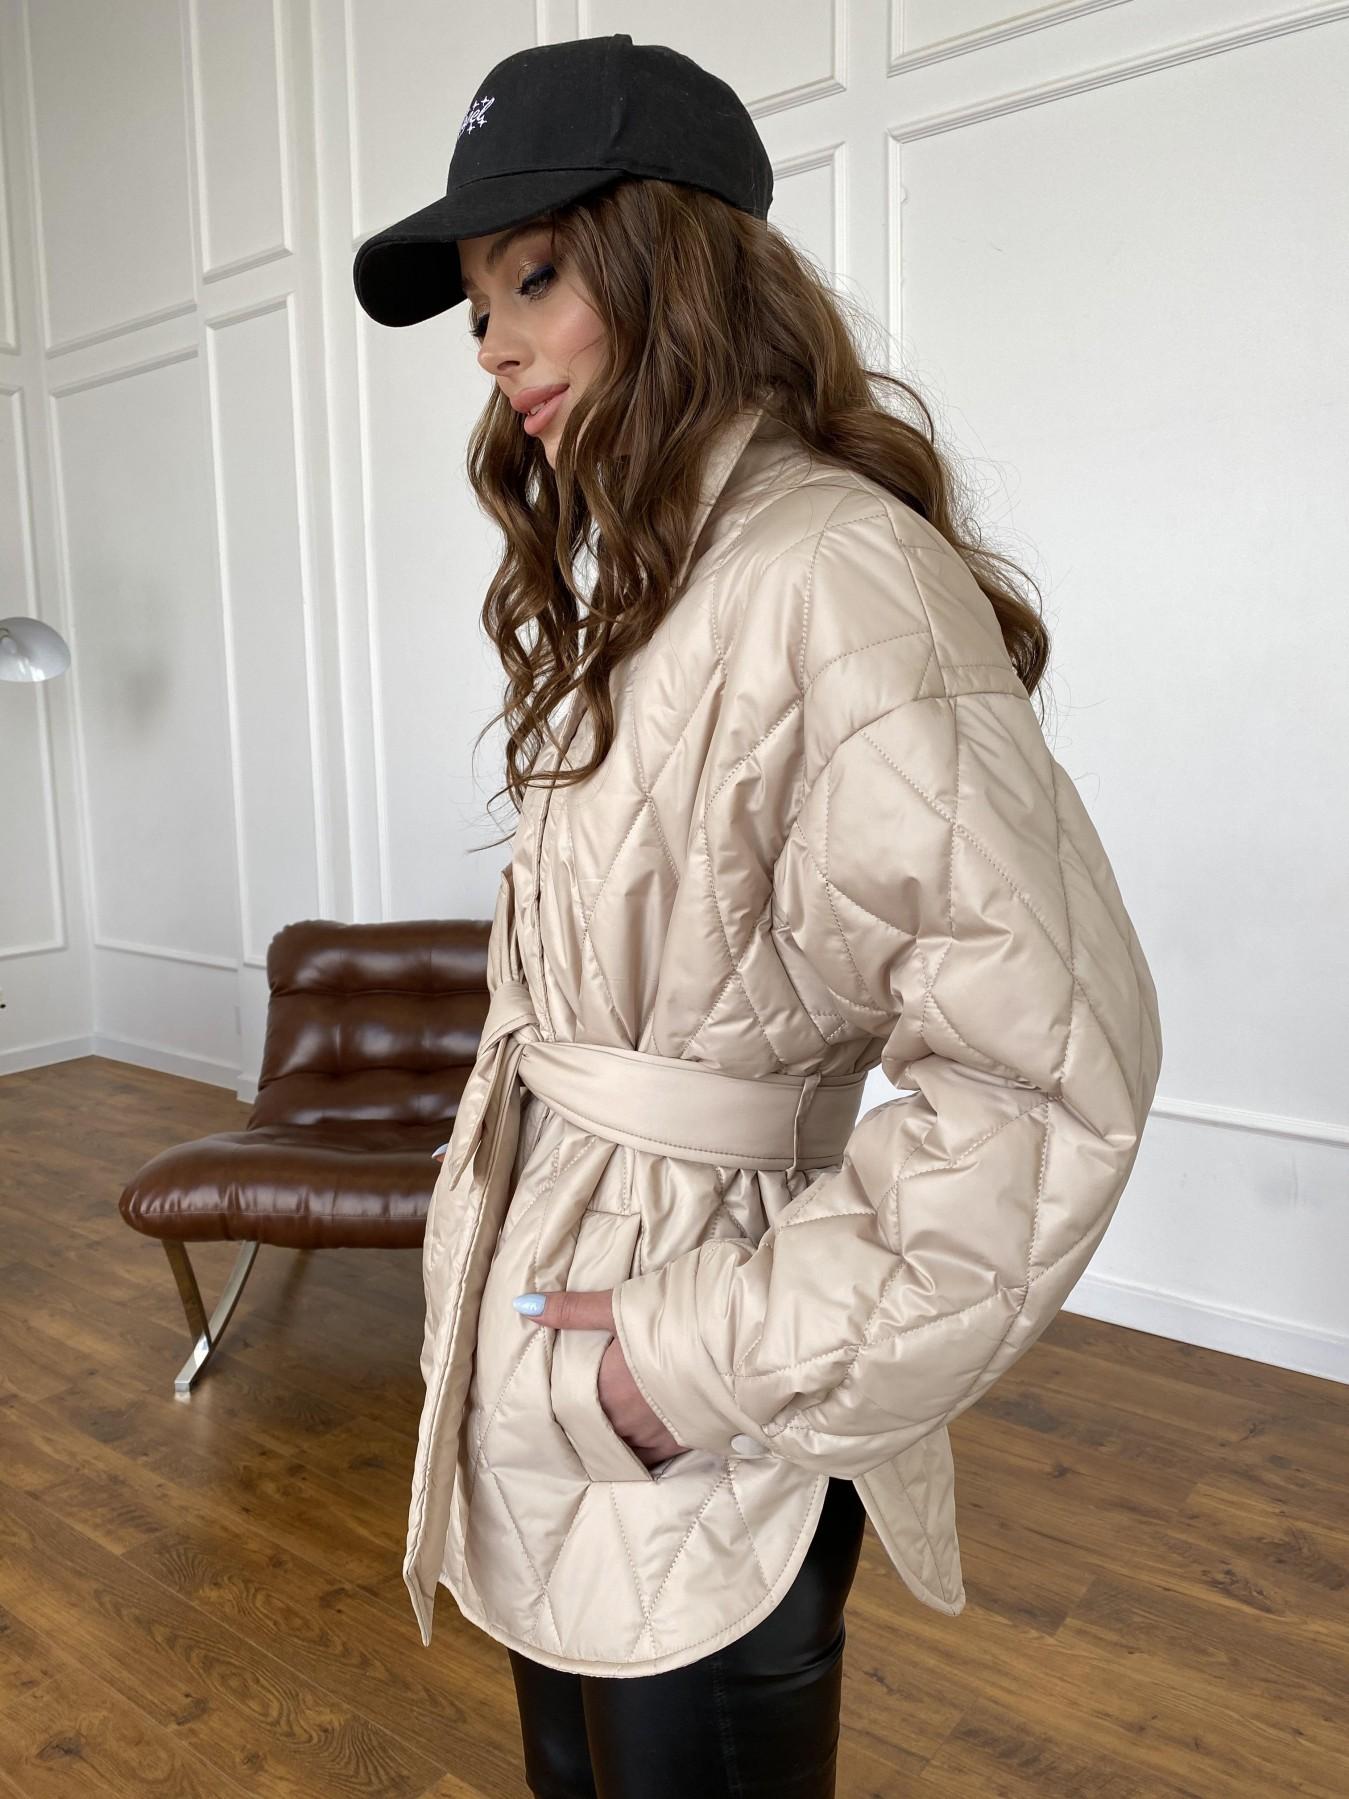 Моно  куртка из плащевой ткани Gloria 11081 АРТ. 47571 Цвет: Бежевый - фото 16, интернет магазин tm-modus.ru